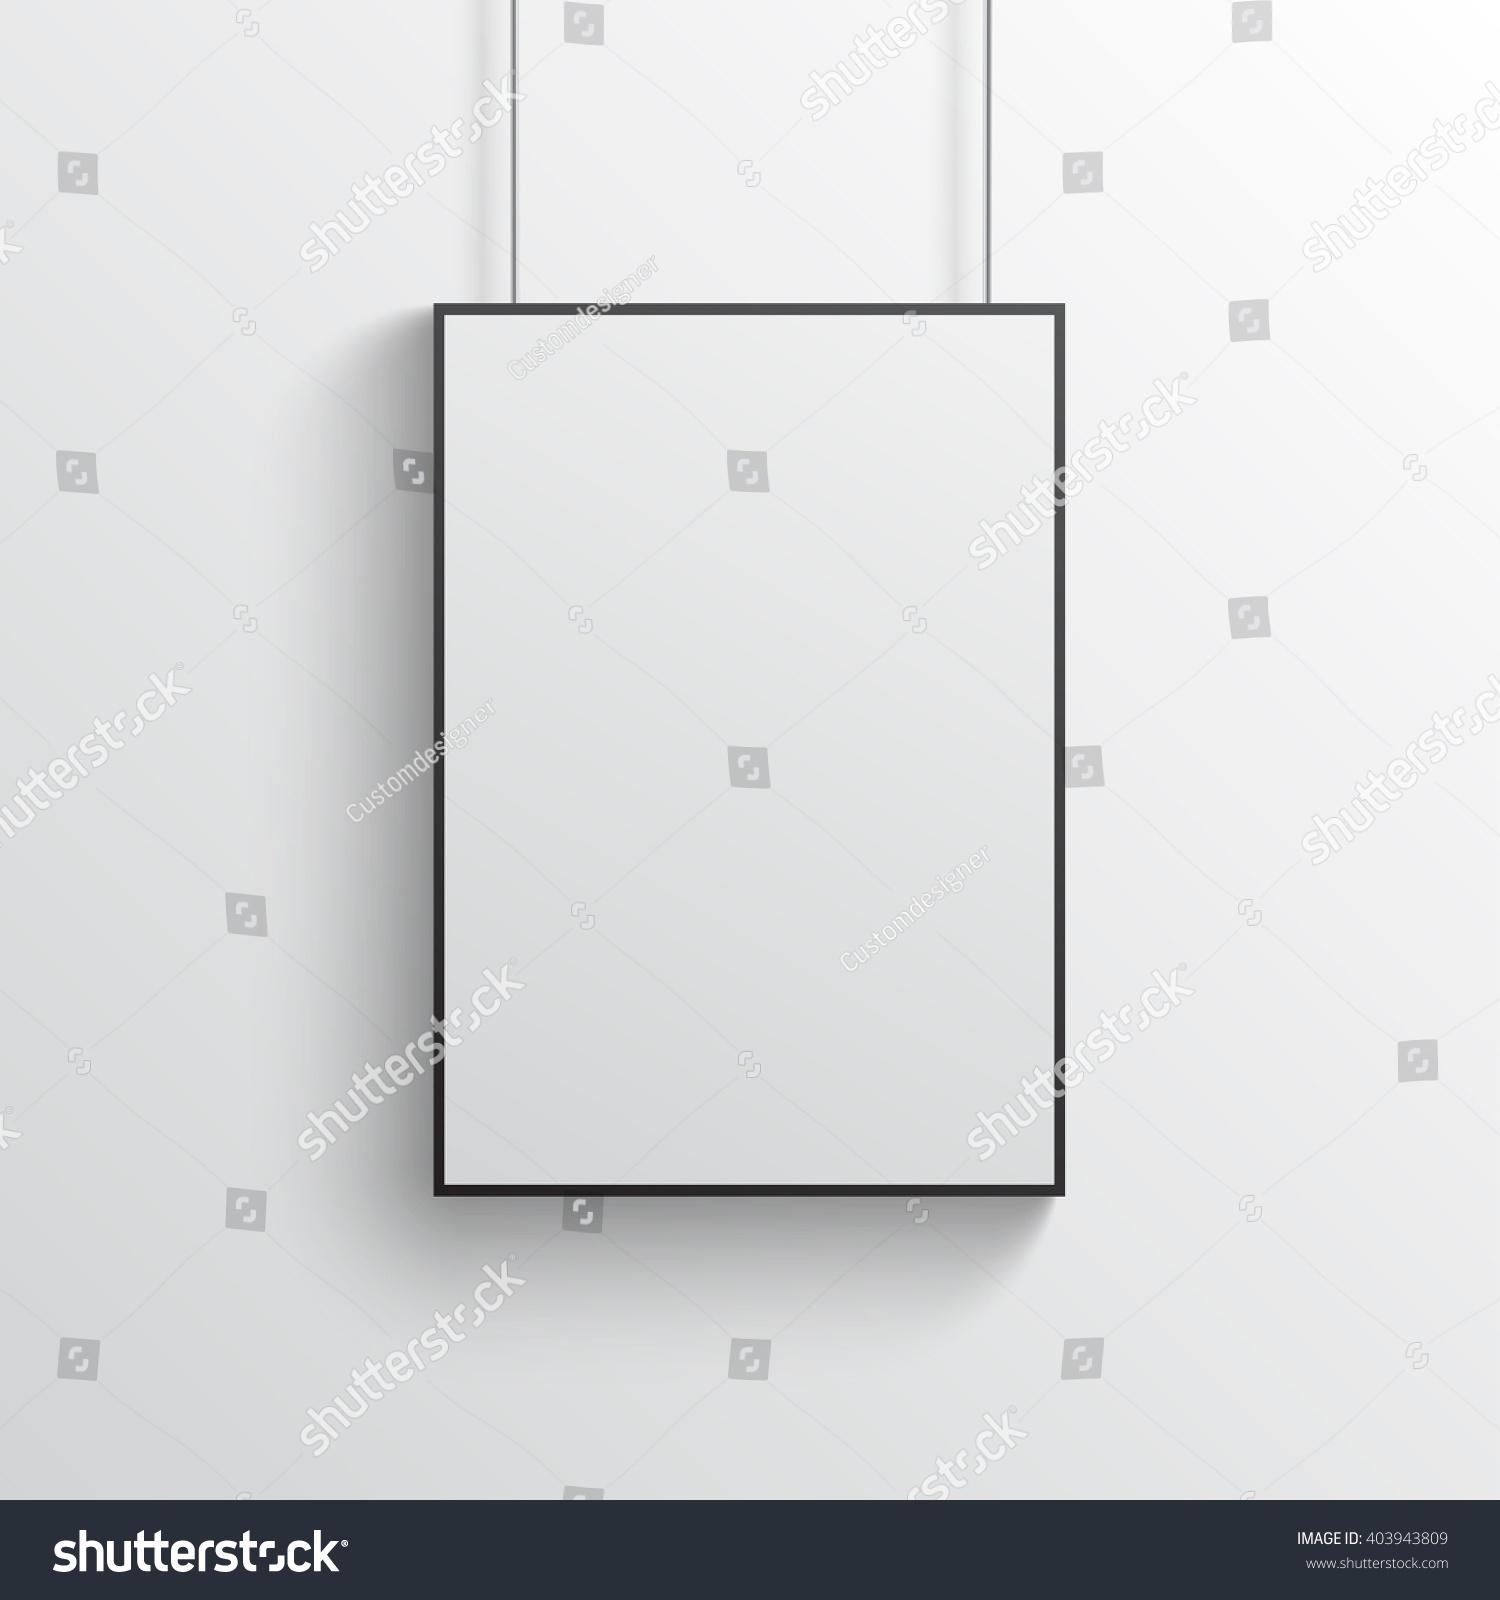 34x22 white poster frame - irosh.info